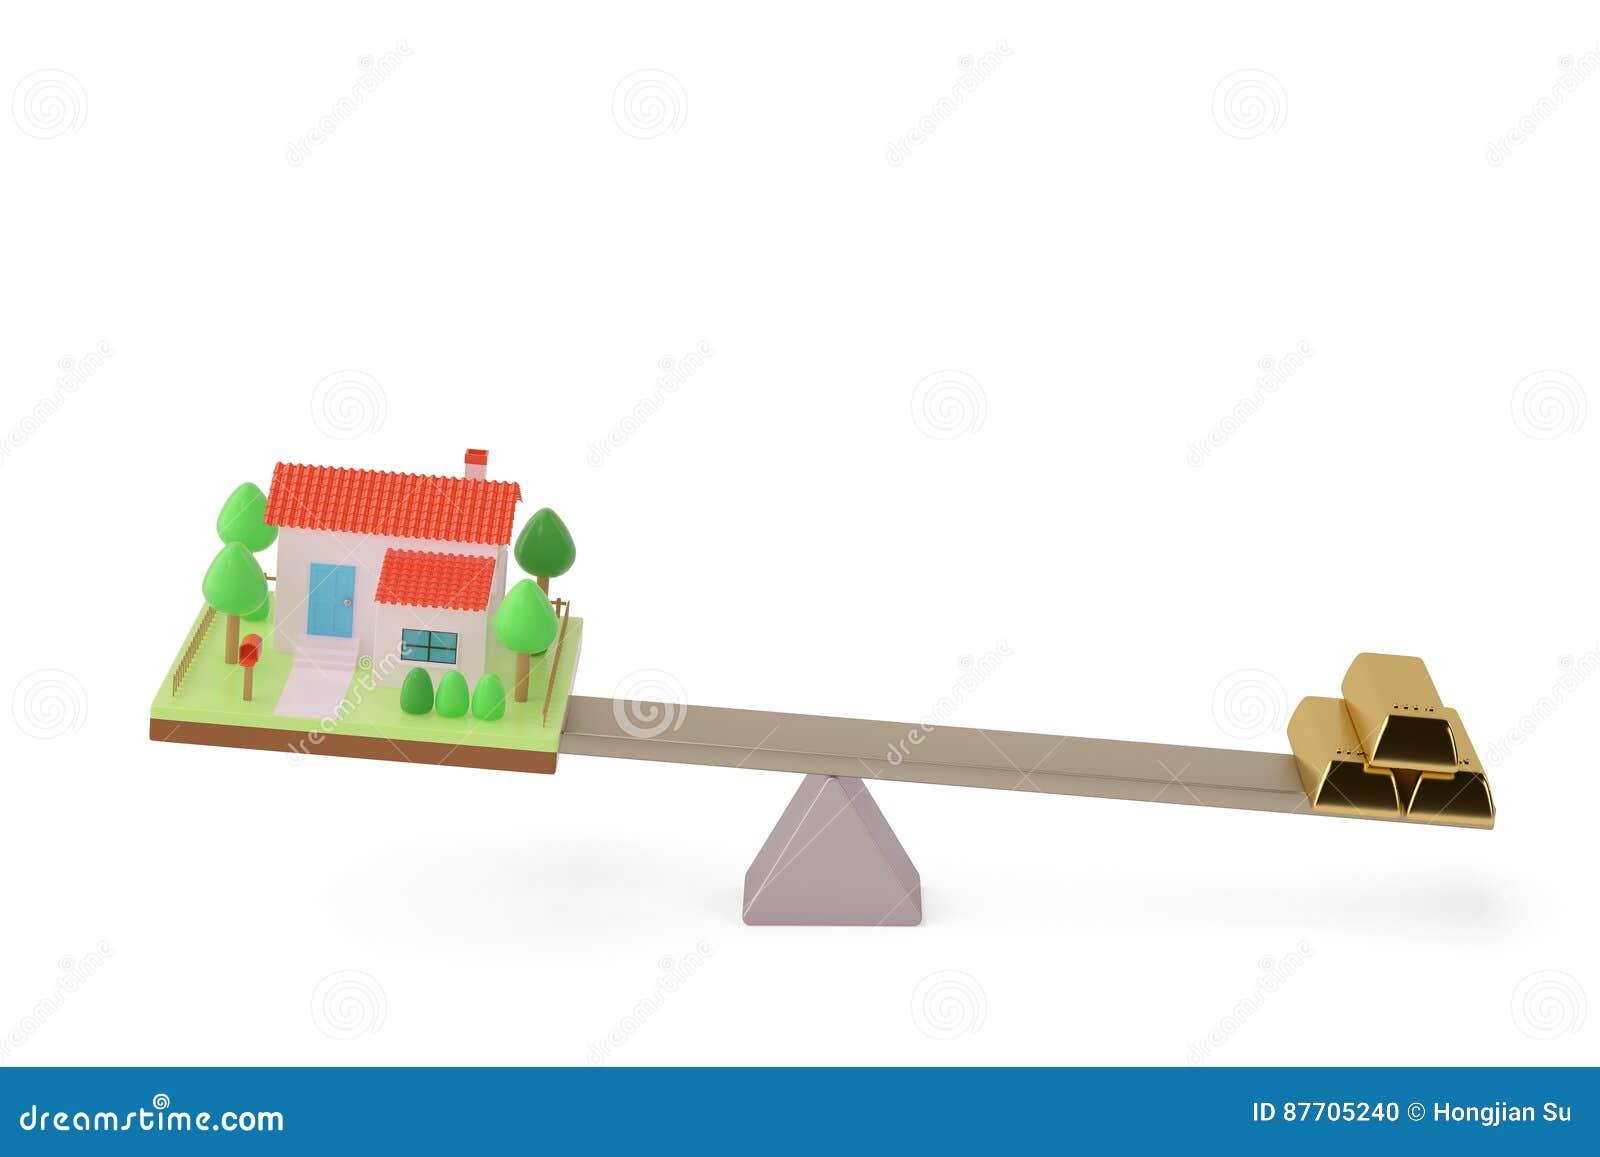 Chambre et lingot sur la bascule, illustration 3D